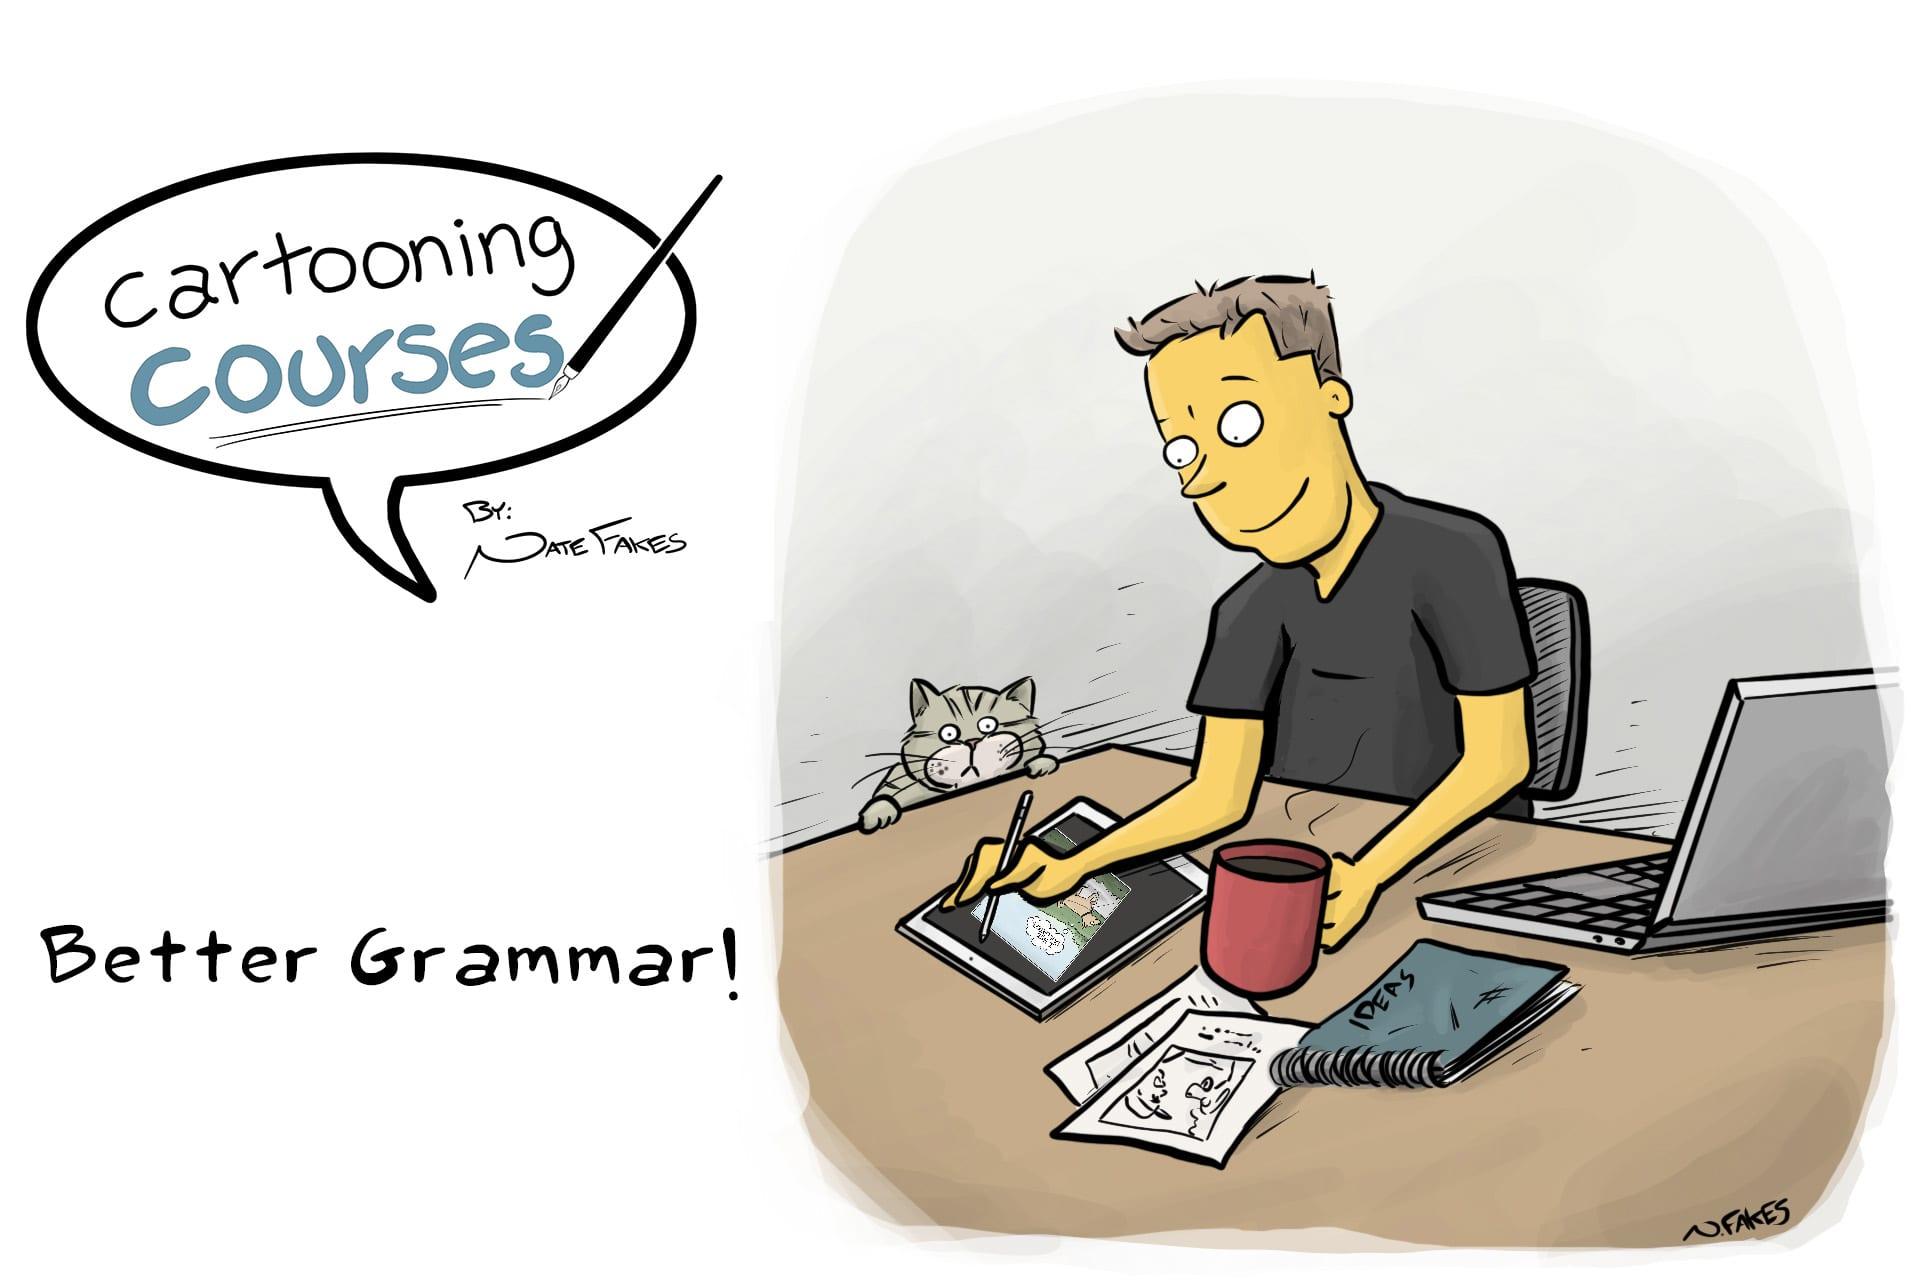 Having better grammar.